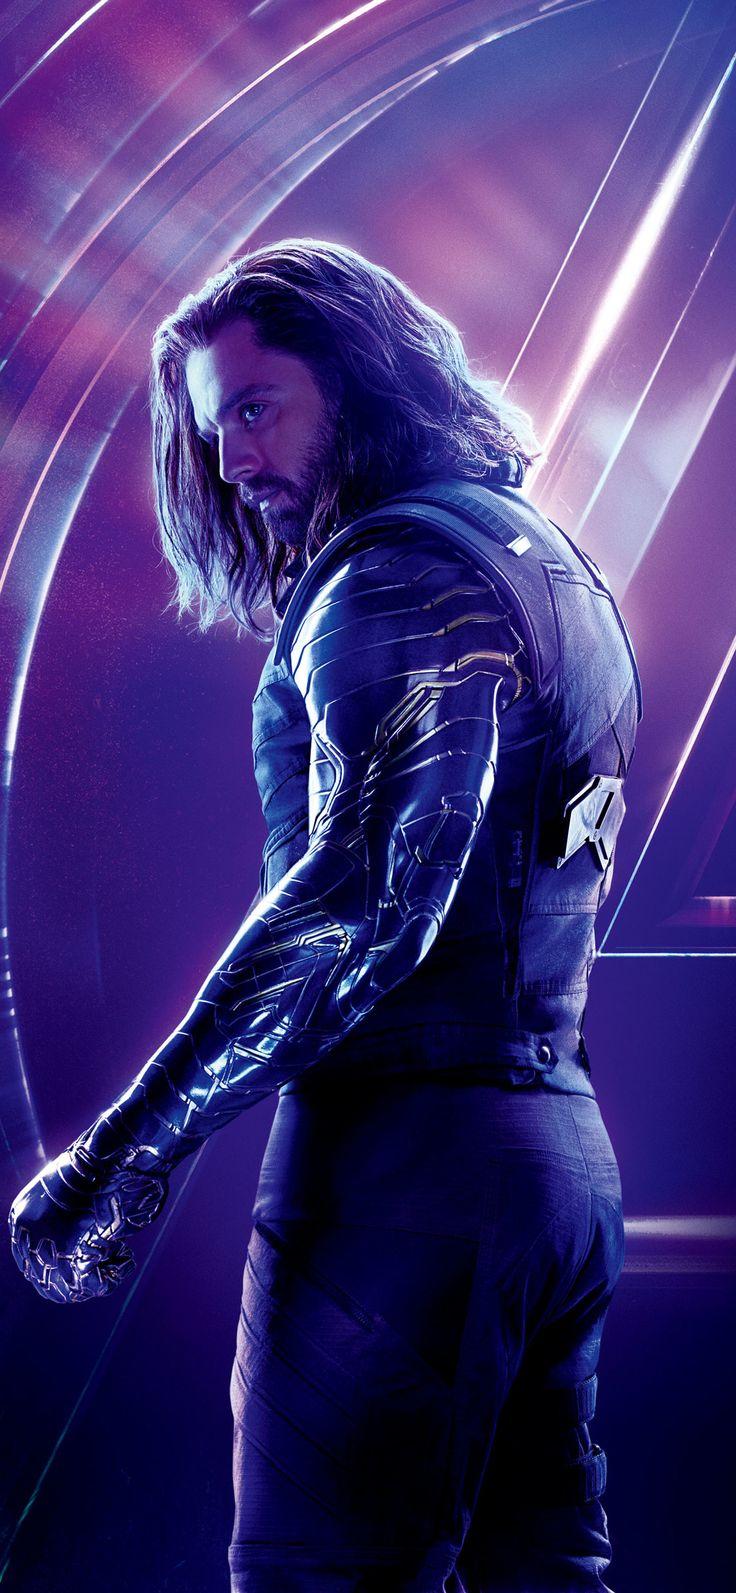 1125x2436 Bucky Barnes In Avengers Infinity War 8k Poster